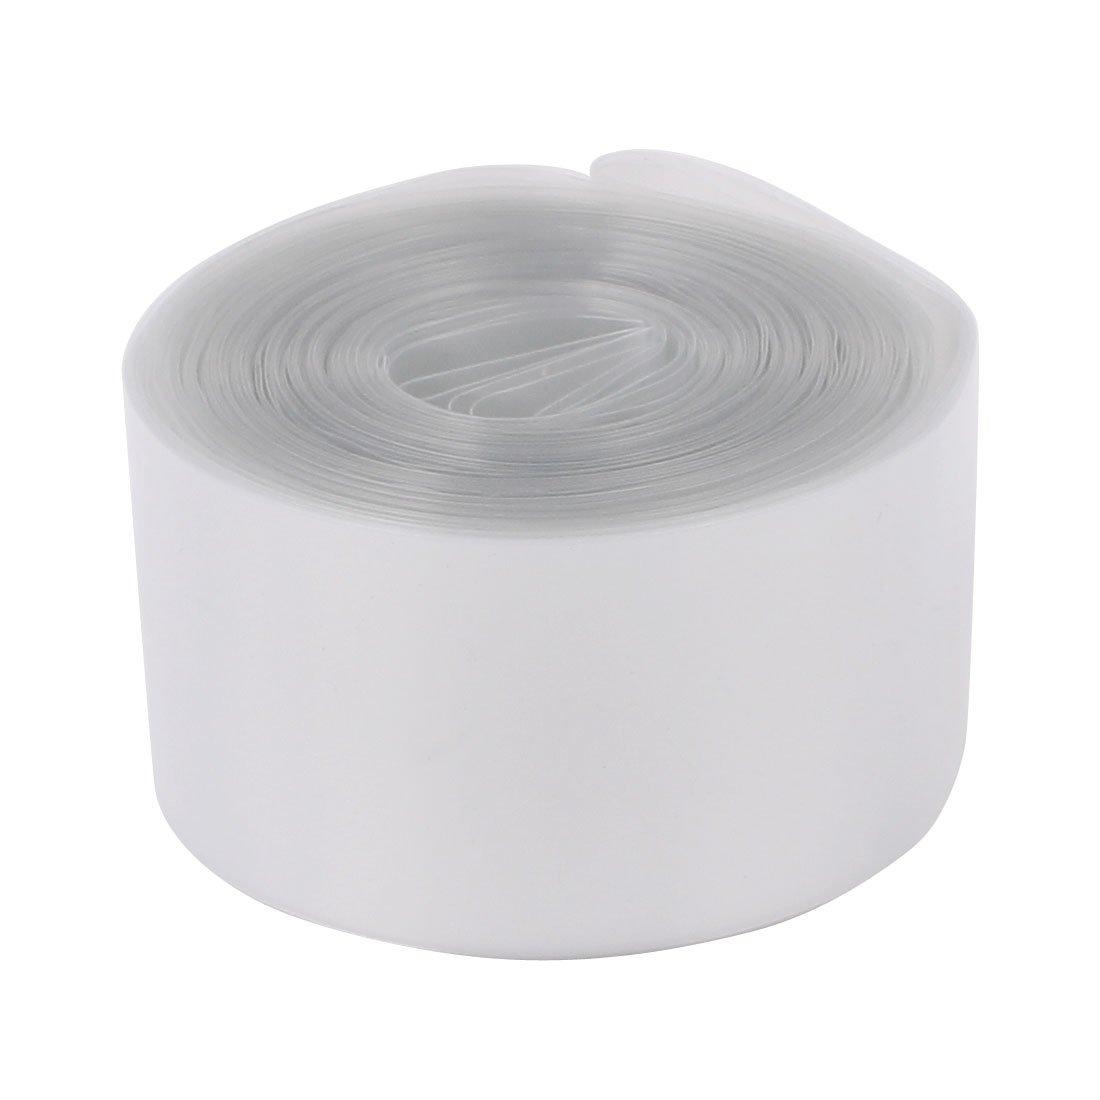 300P KEESIN 29.5mm flache PVC-Schrumpfschlauch-Batterie-Verpackungs 12 Farben 300 St/ücke f/ür 18650 18500 Batterie